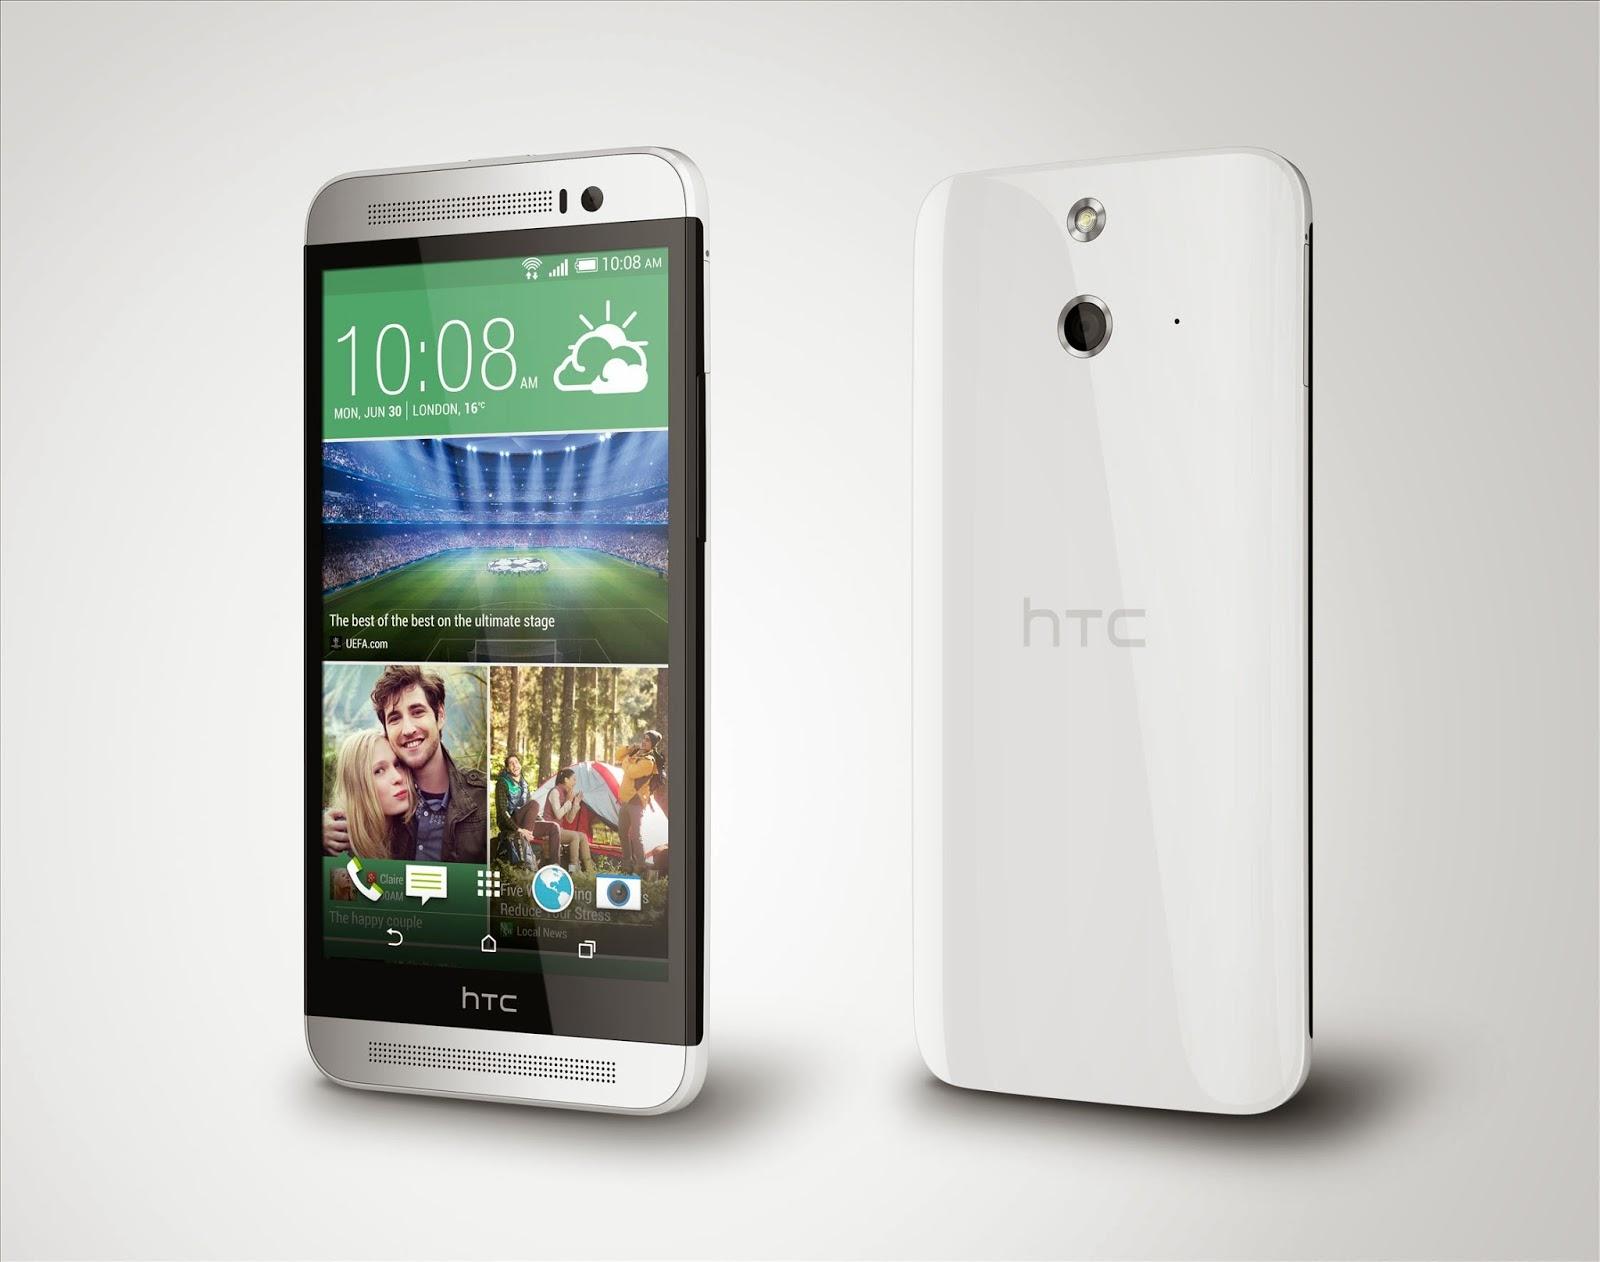 سعر جوال HTC One E8 فى عروض مكتبة جرير